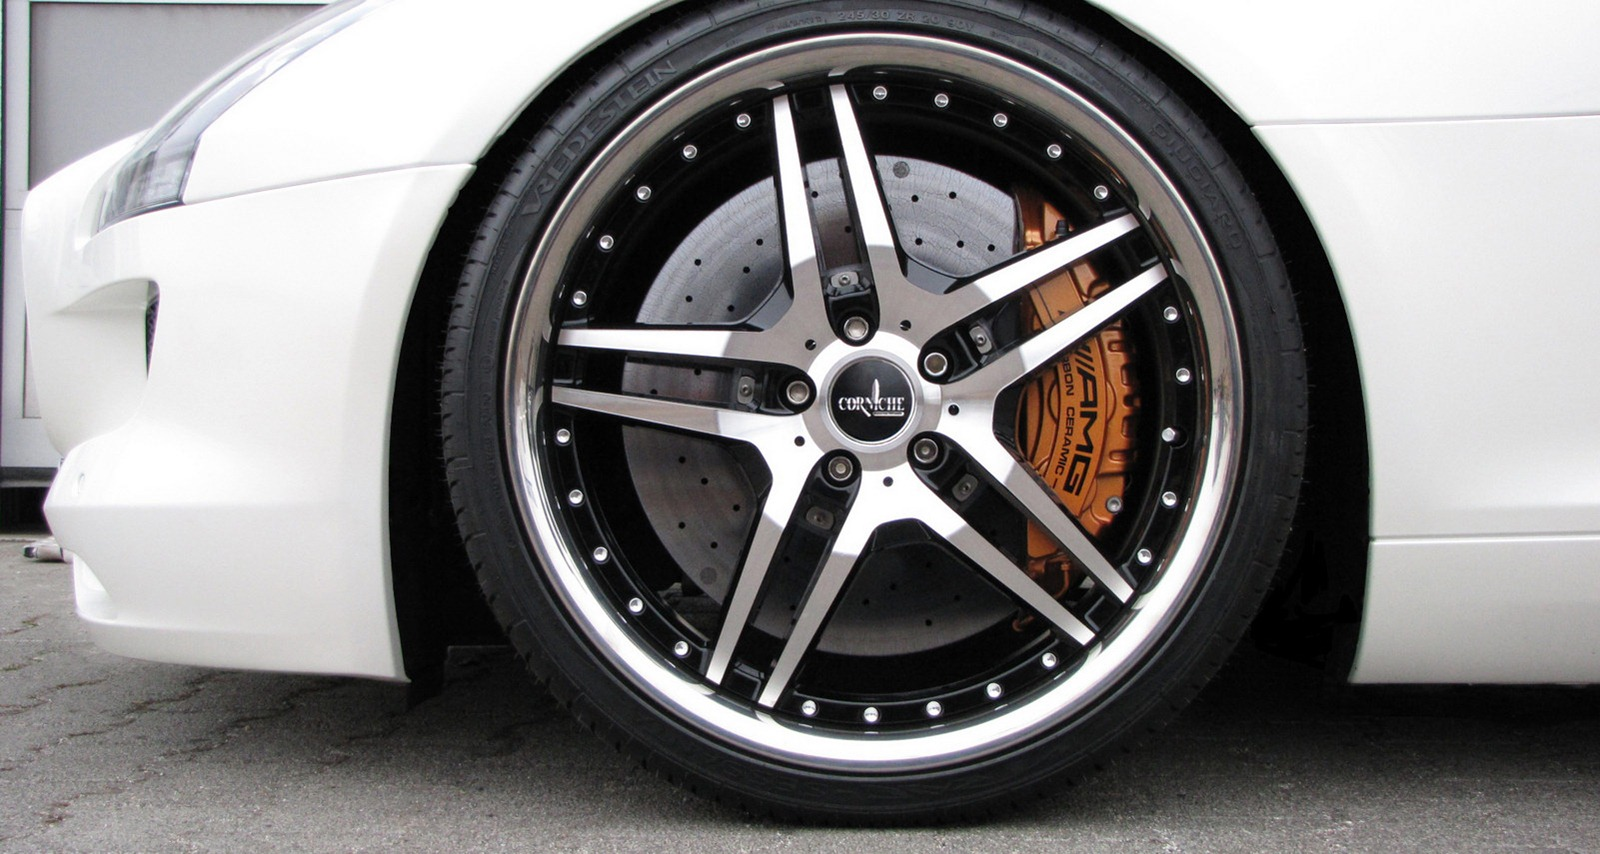 Senner představil lehčí úpravy pro Mercedes-Benz SLS AMG 8